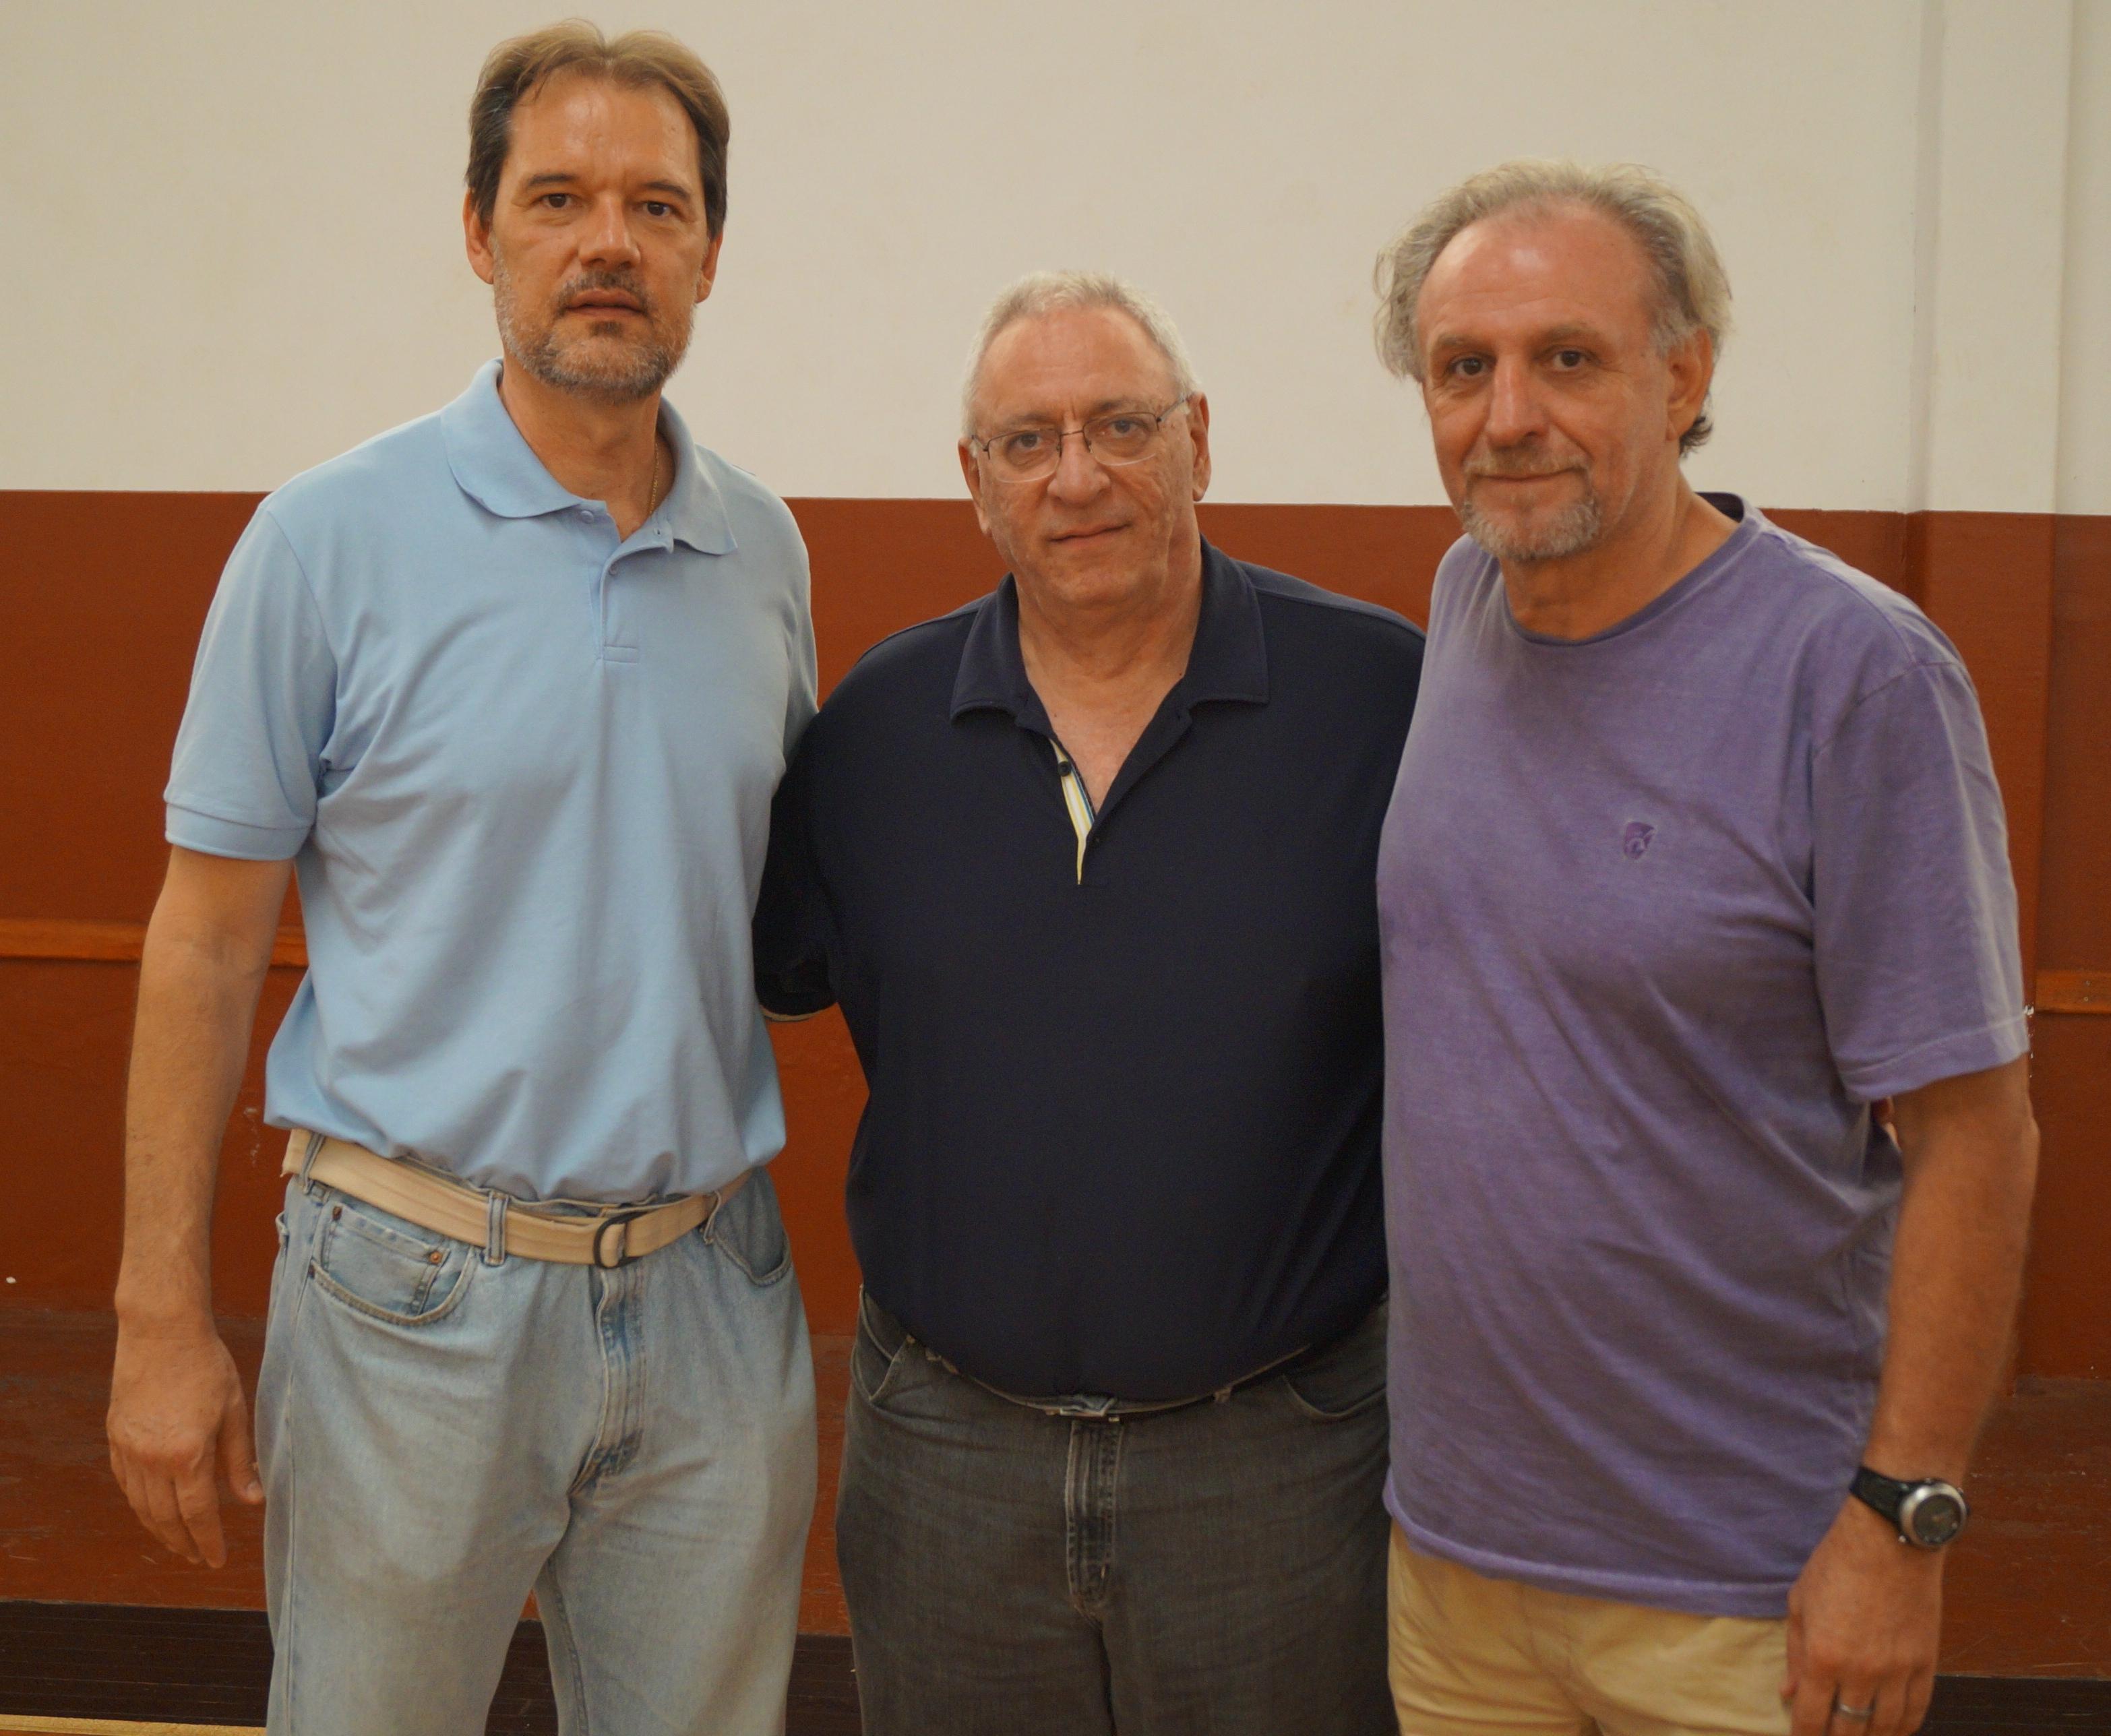 Chuí, Lula e Carlão formam o corpo diretivo da associação (Divulgação)